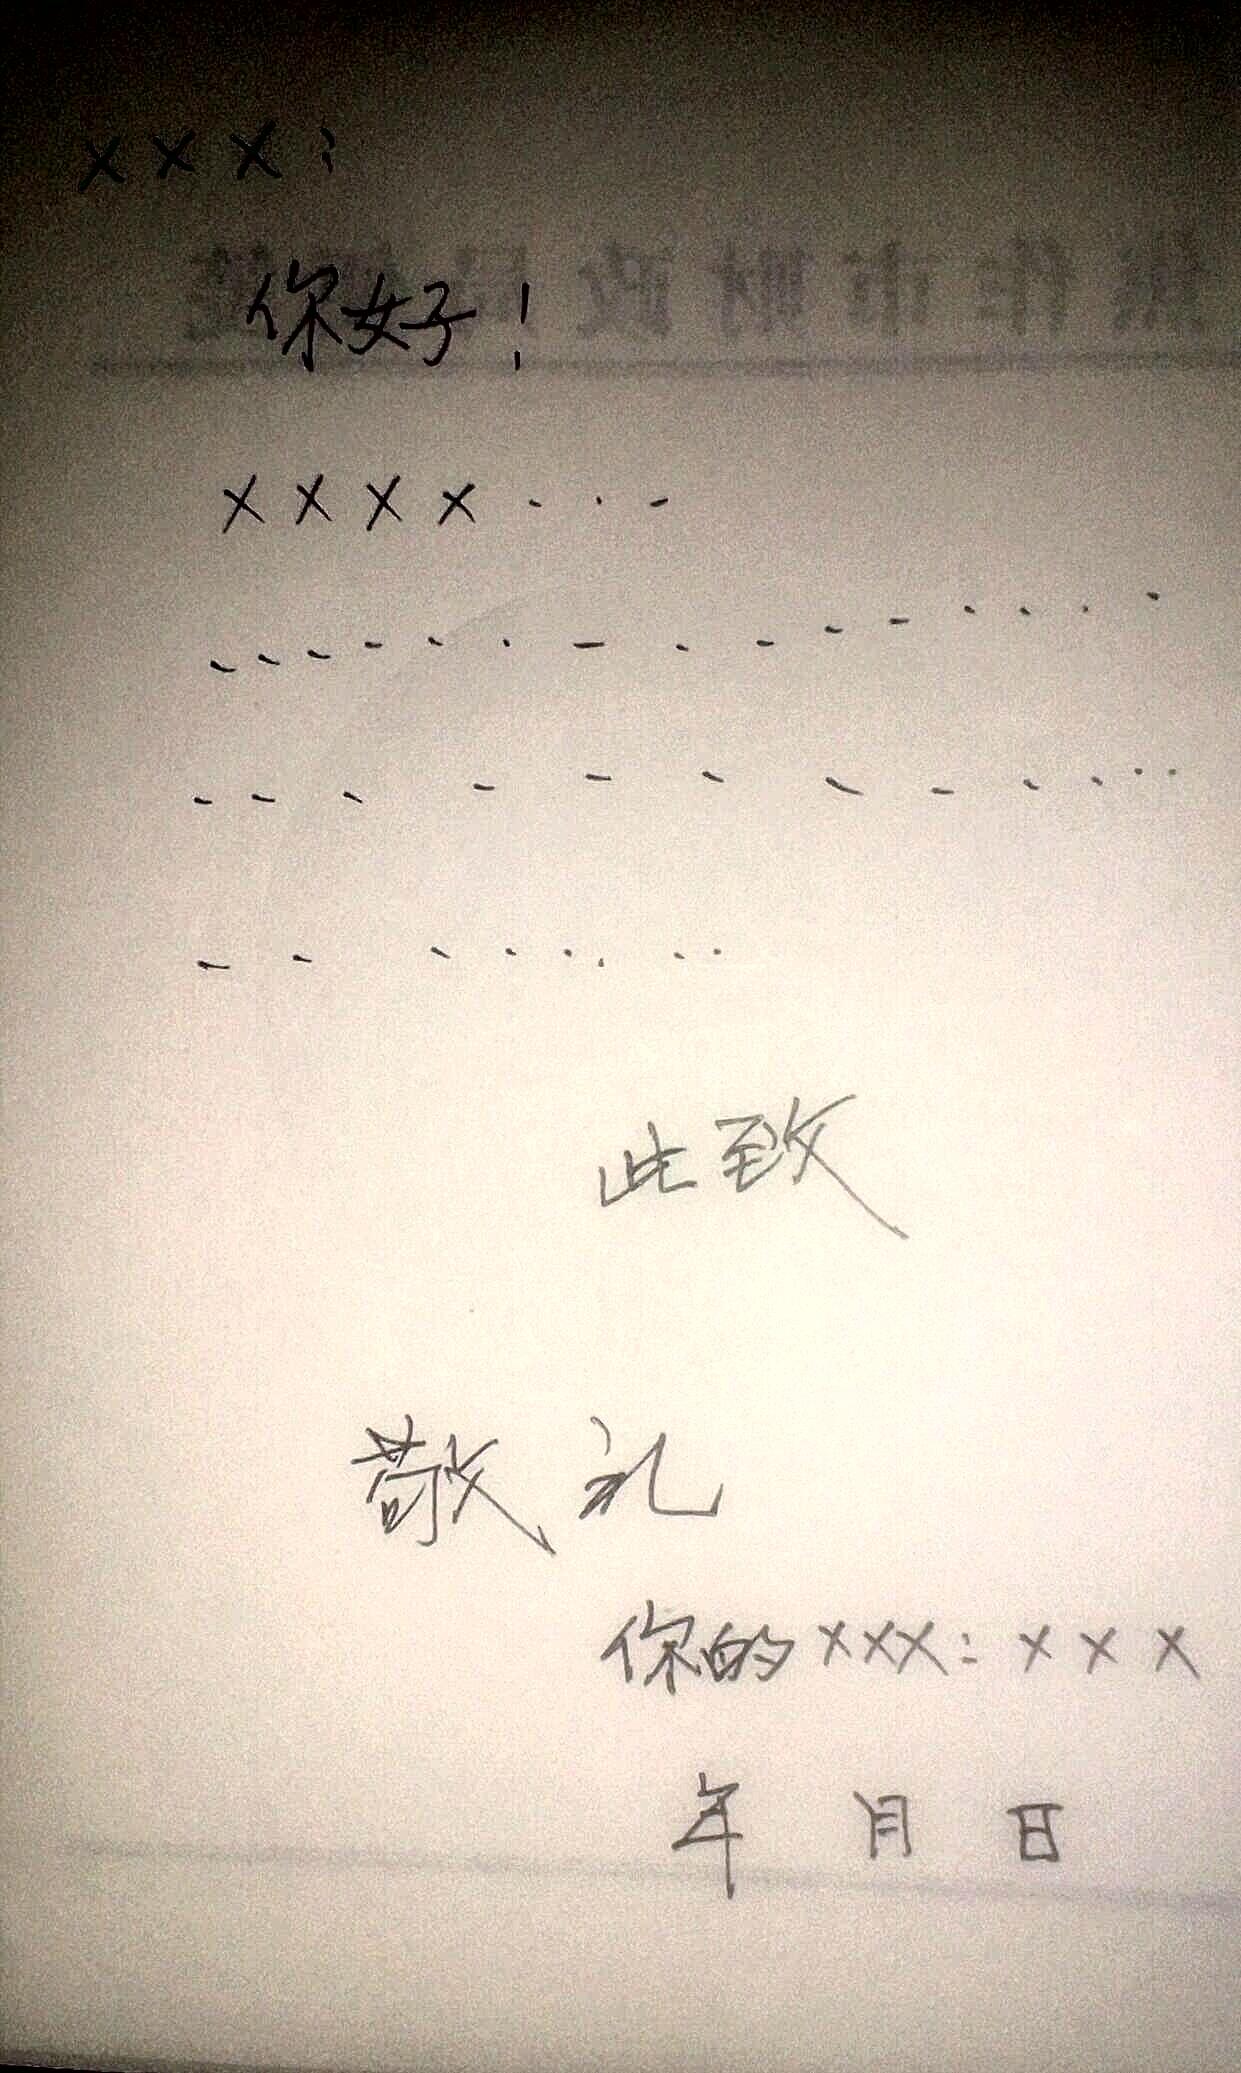 邮寄物品的单的格式怎么写,还有写信的格式图片